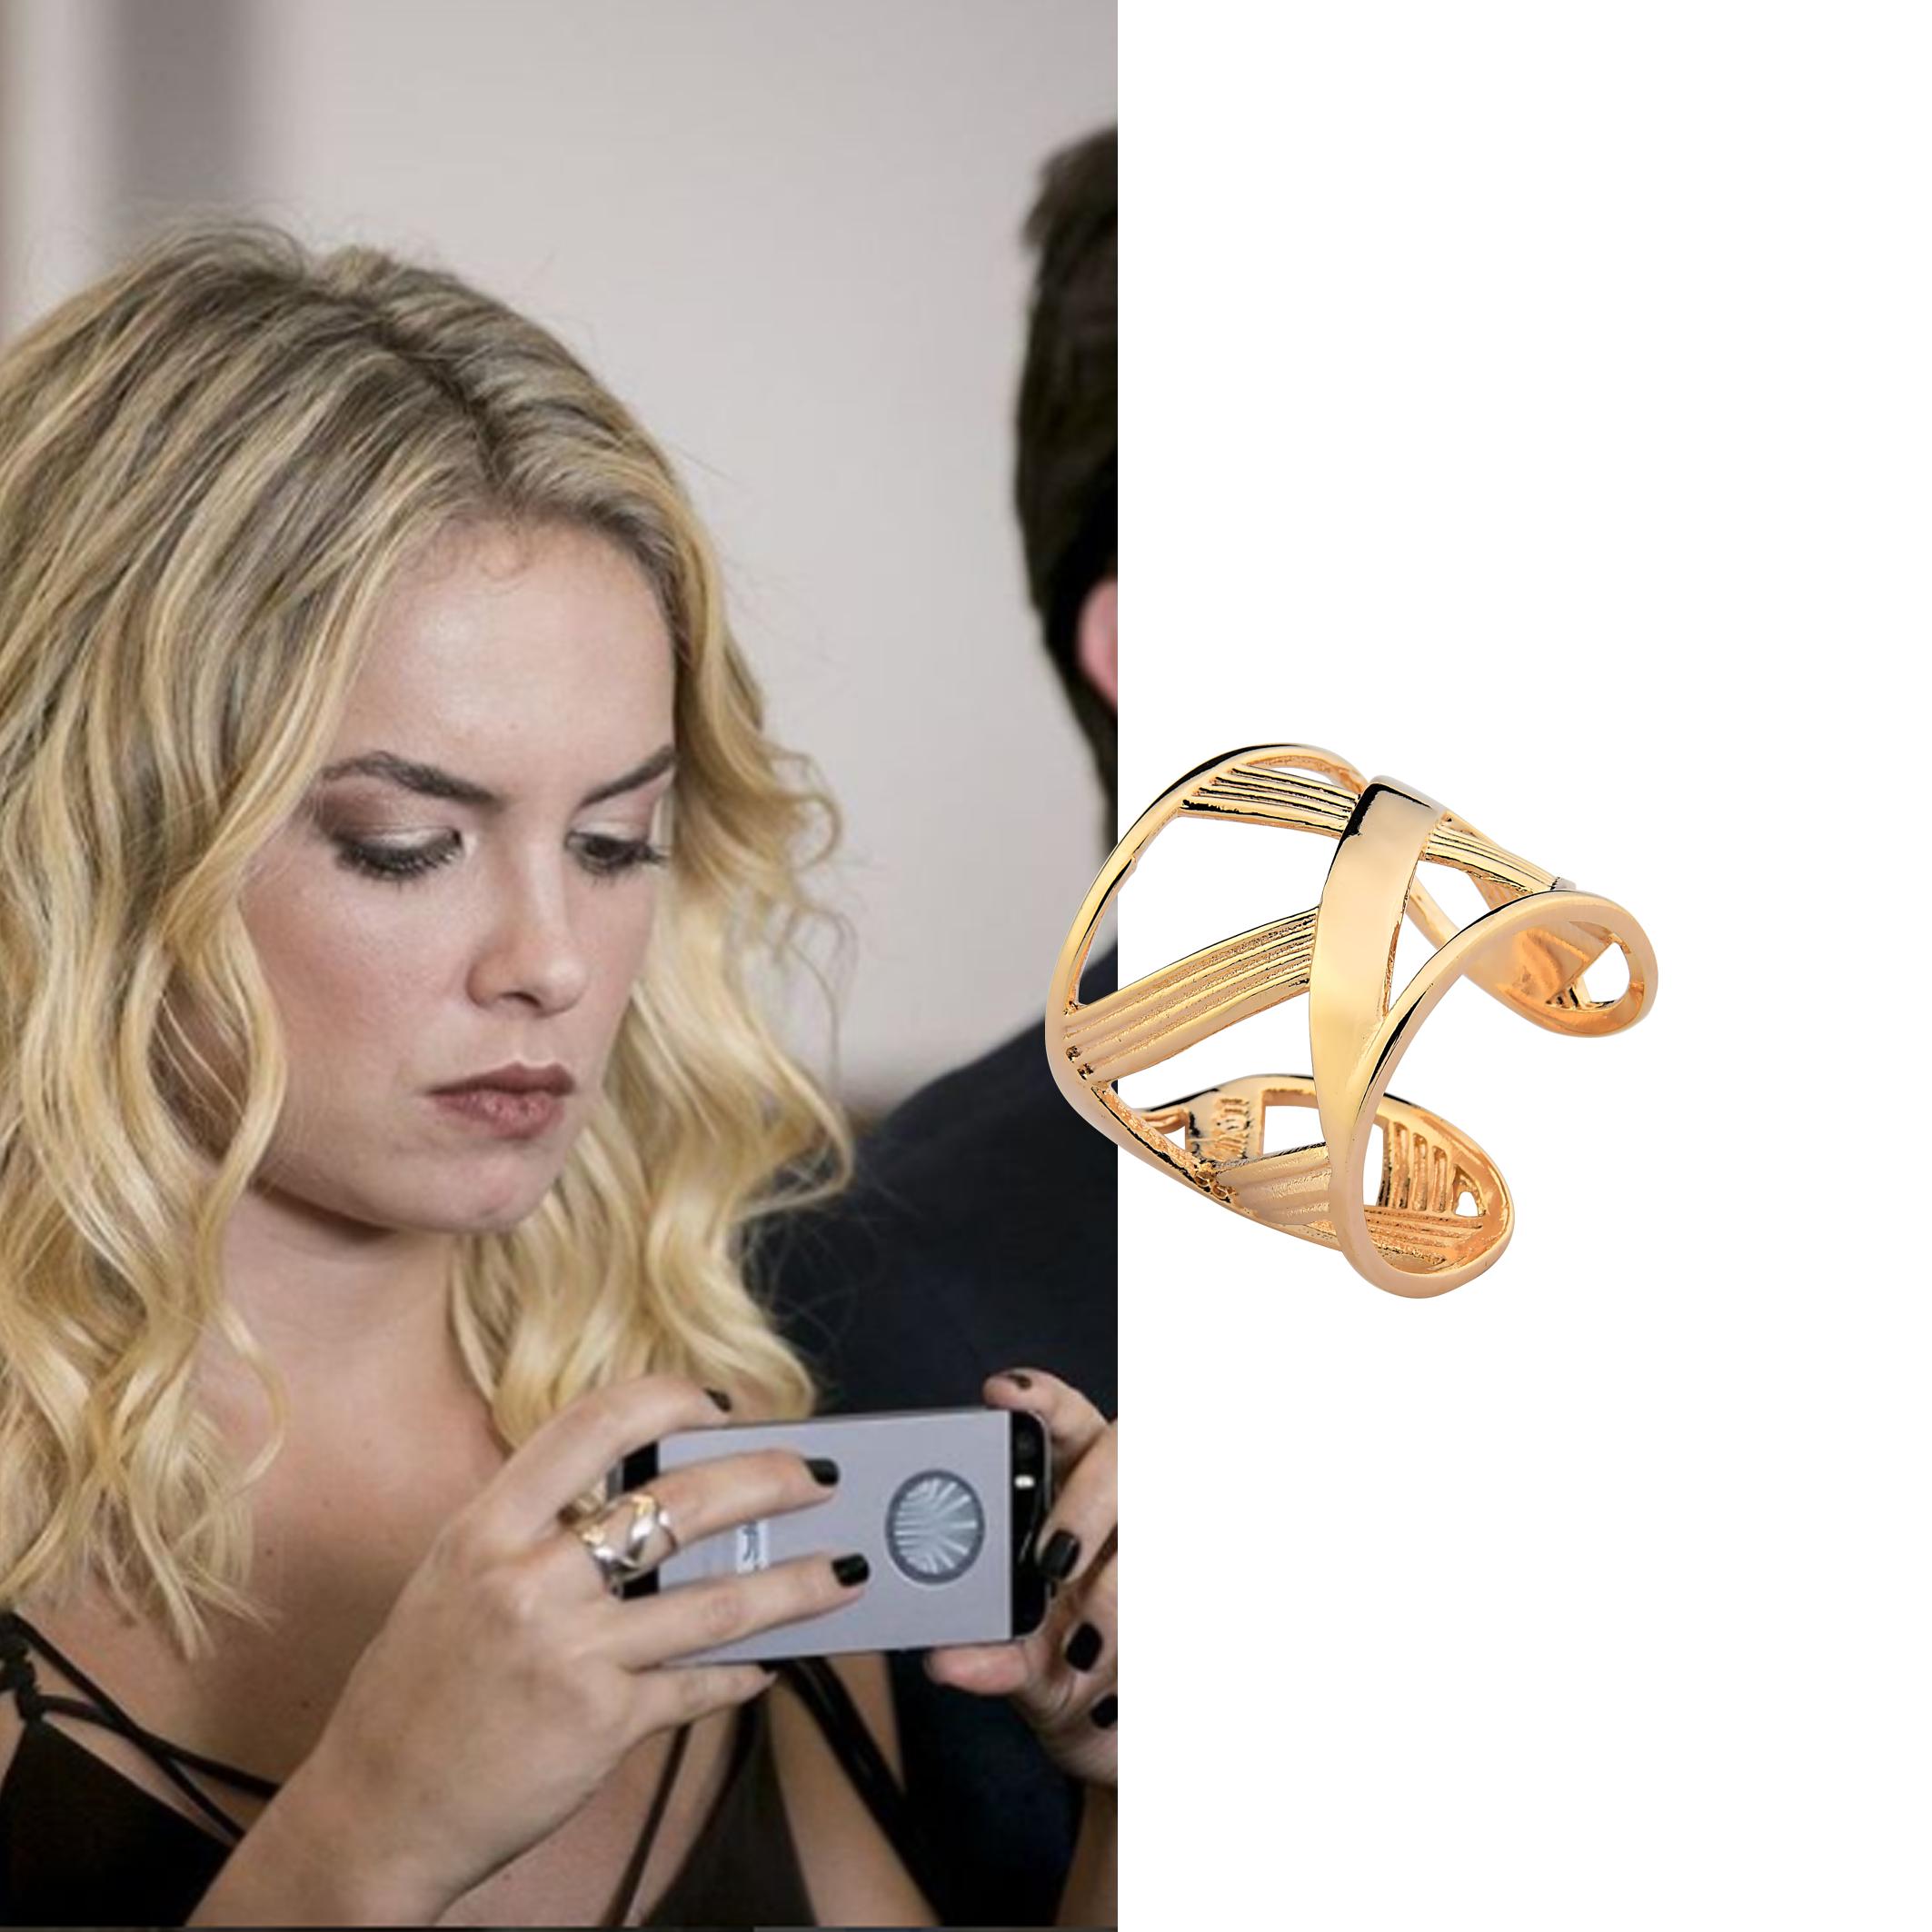 A cantora e atriz Lua Blanco, usou o anel Momento da linha Forever Young em cena do casamento da Ritinha e Ruy, na novela A Força Do Querer, onde interpreta a personagem Anita.